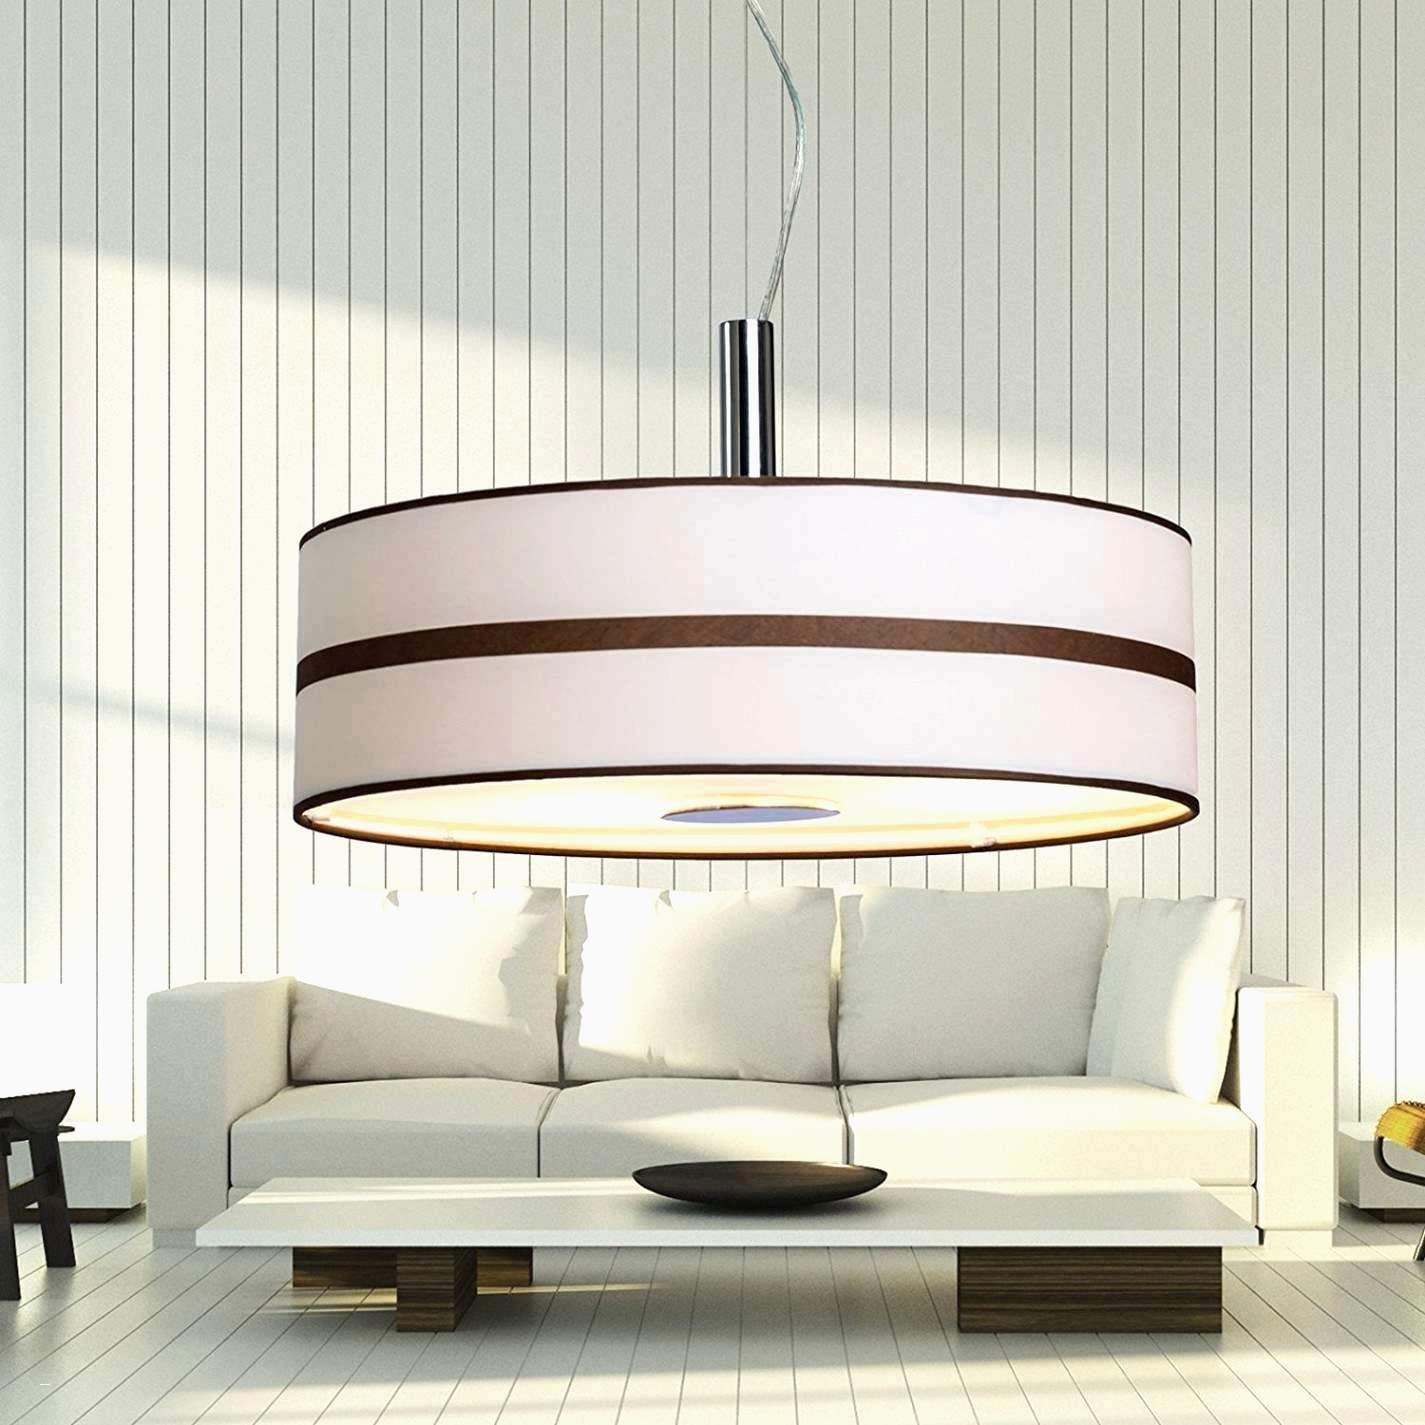 stehlampe wohnzimmer elegant stehlampe wohnzimmer design der grund warum sie es of stehlampe wohnzimmer